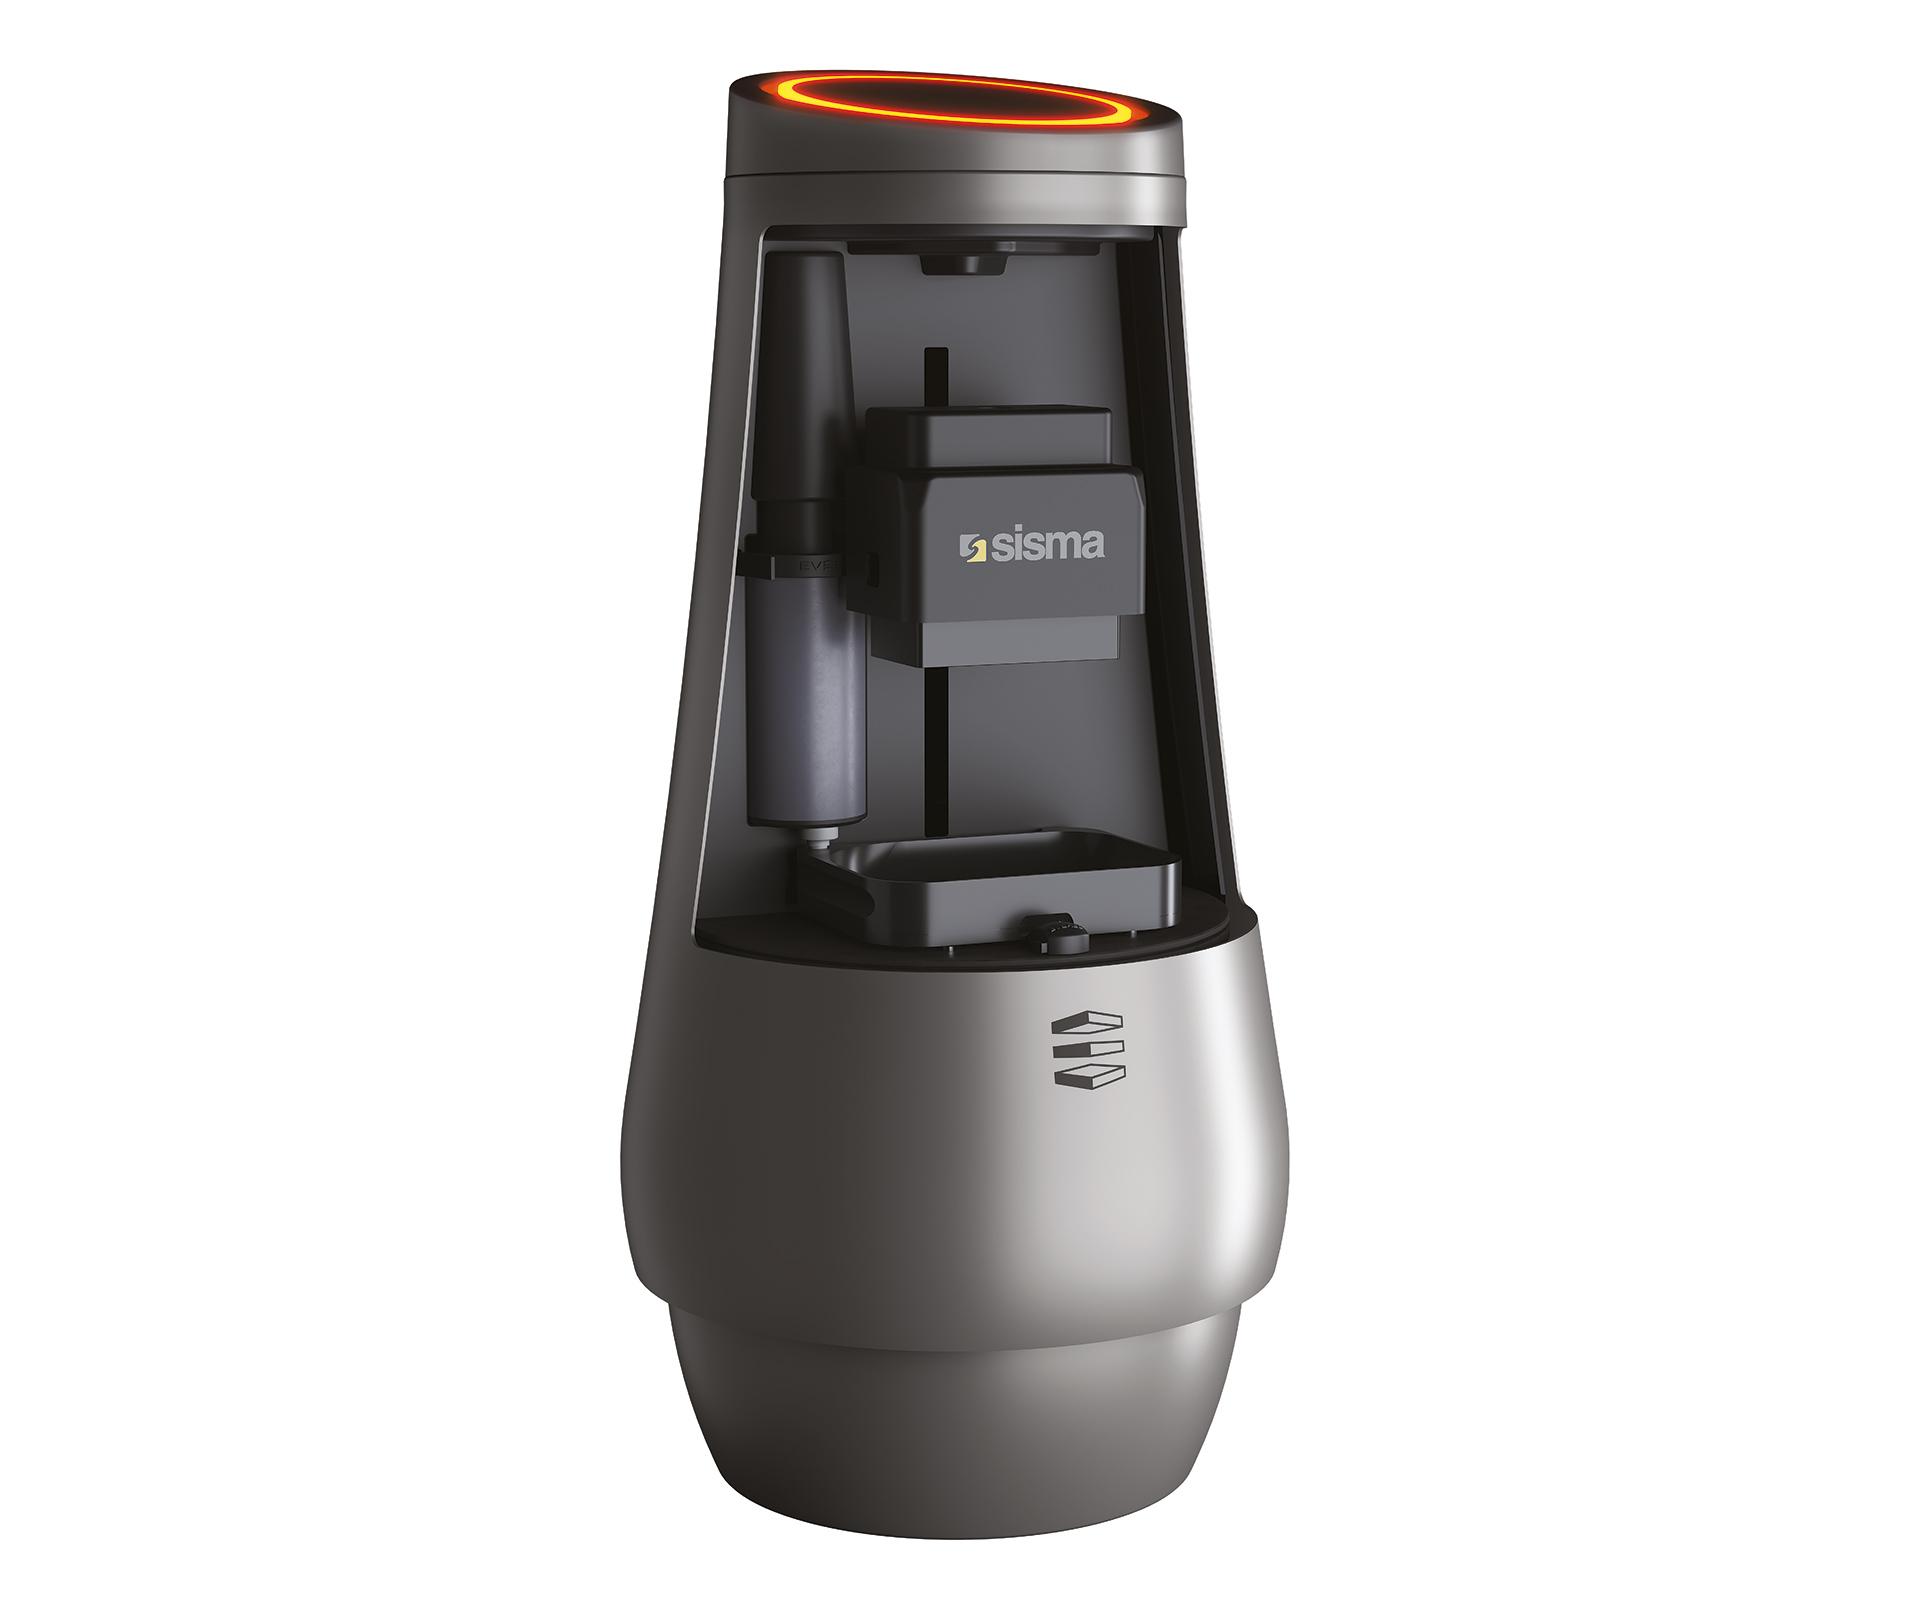 Sisma 3D-Drucker  DLP  Druckbereich max: 120mm x 70mm x 200mm